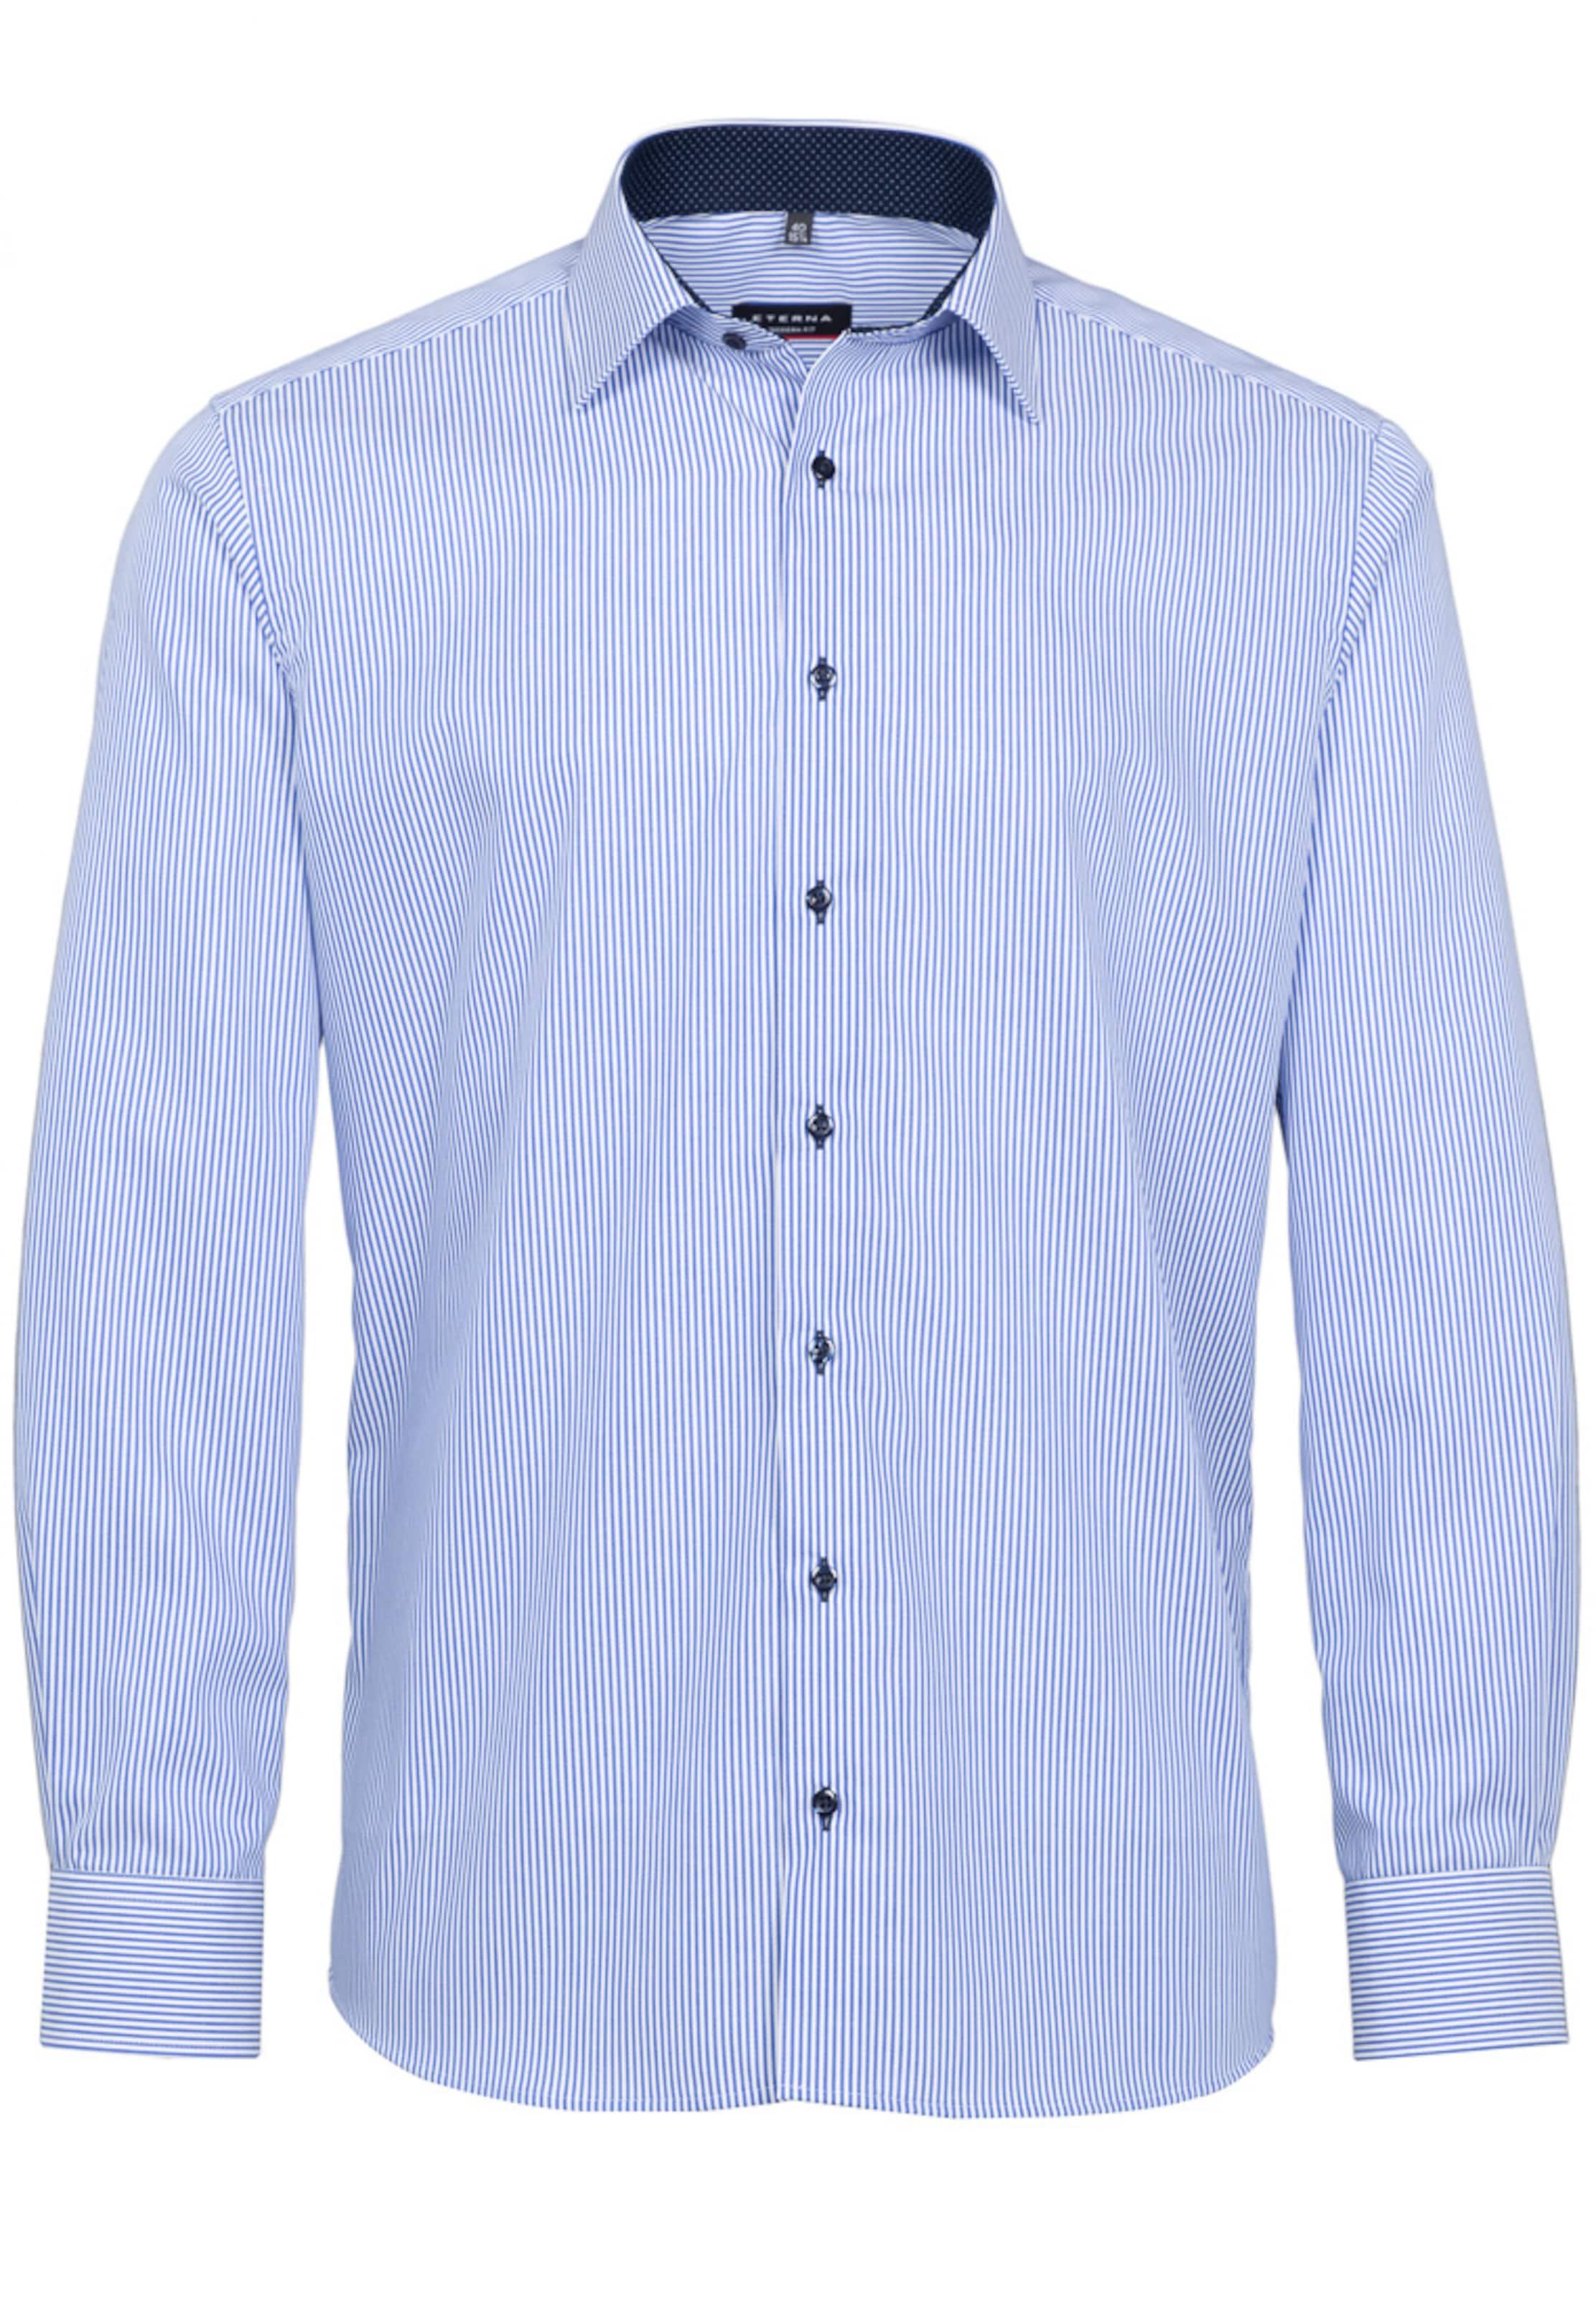 Eterna Hemd Modern Langarm Hellblau In Fit l3KcF1TJ